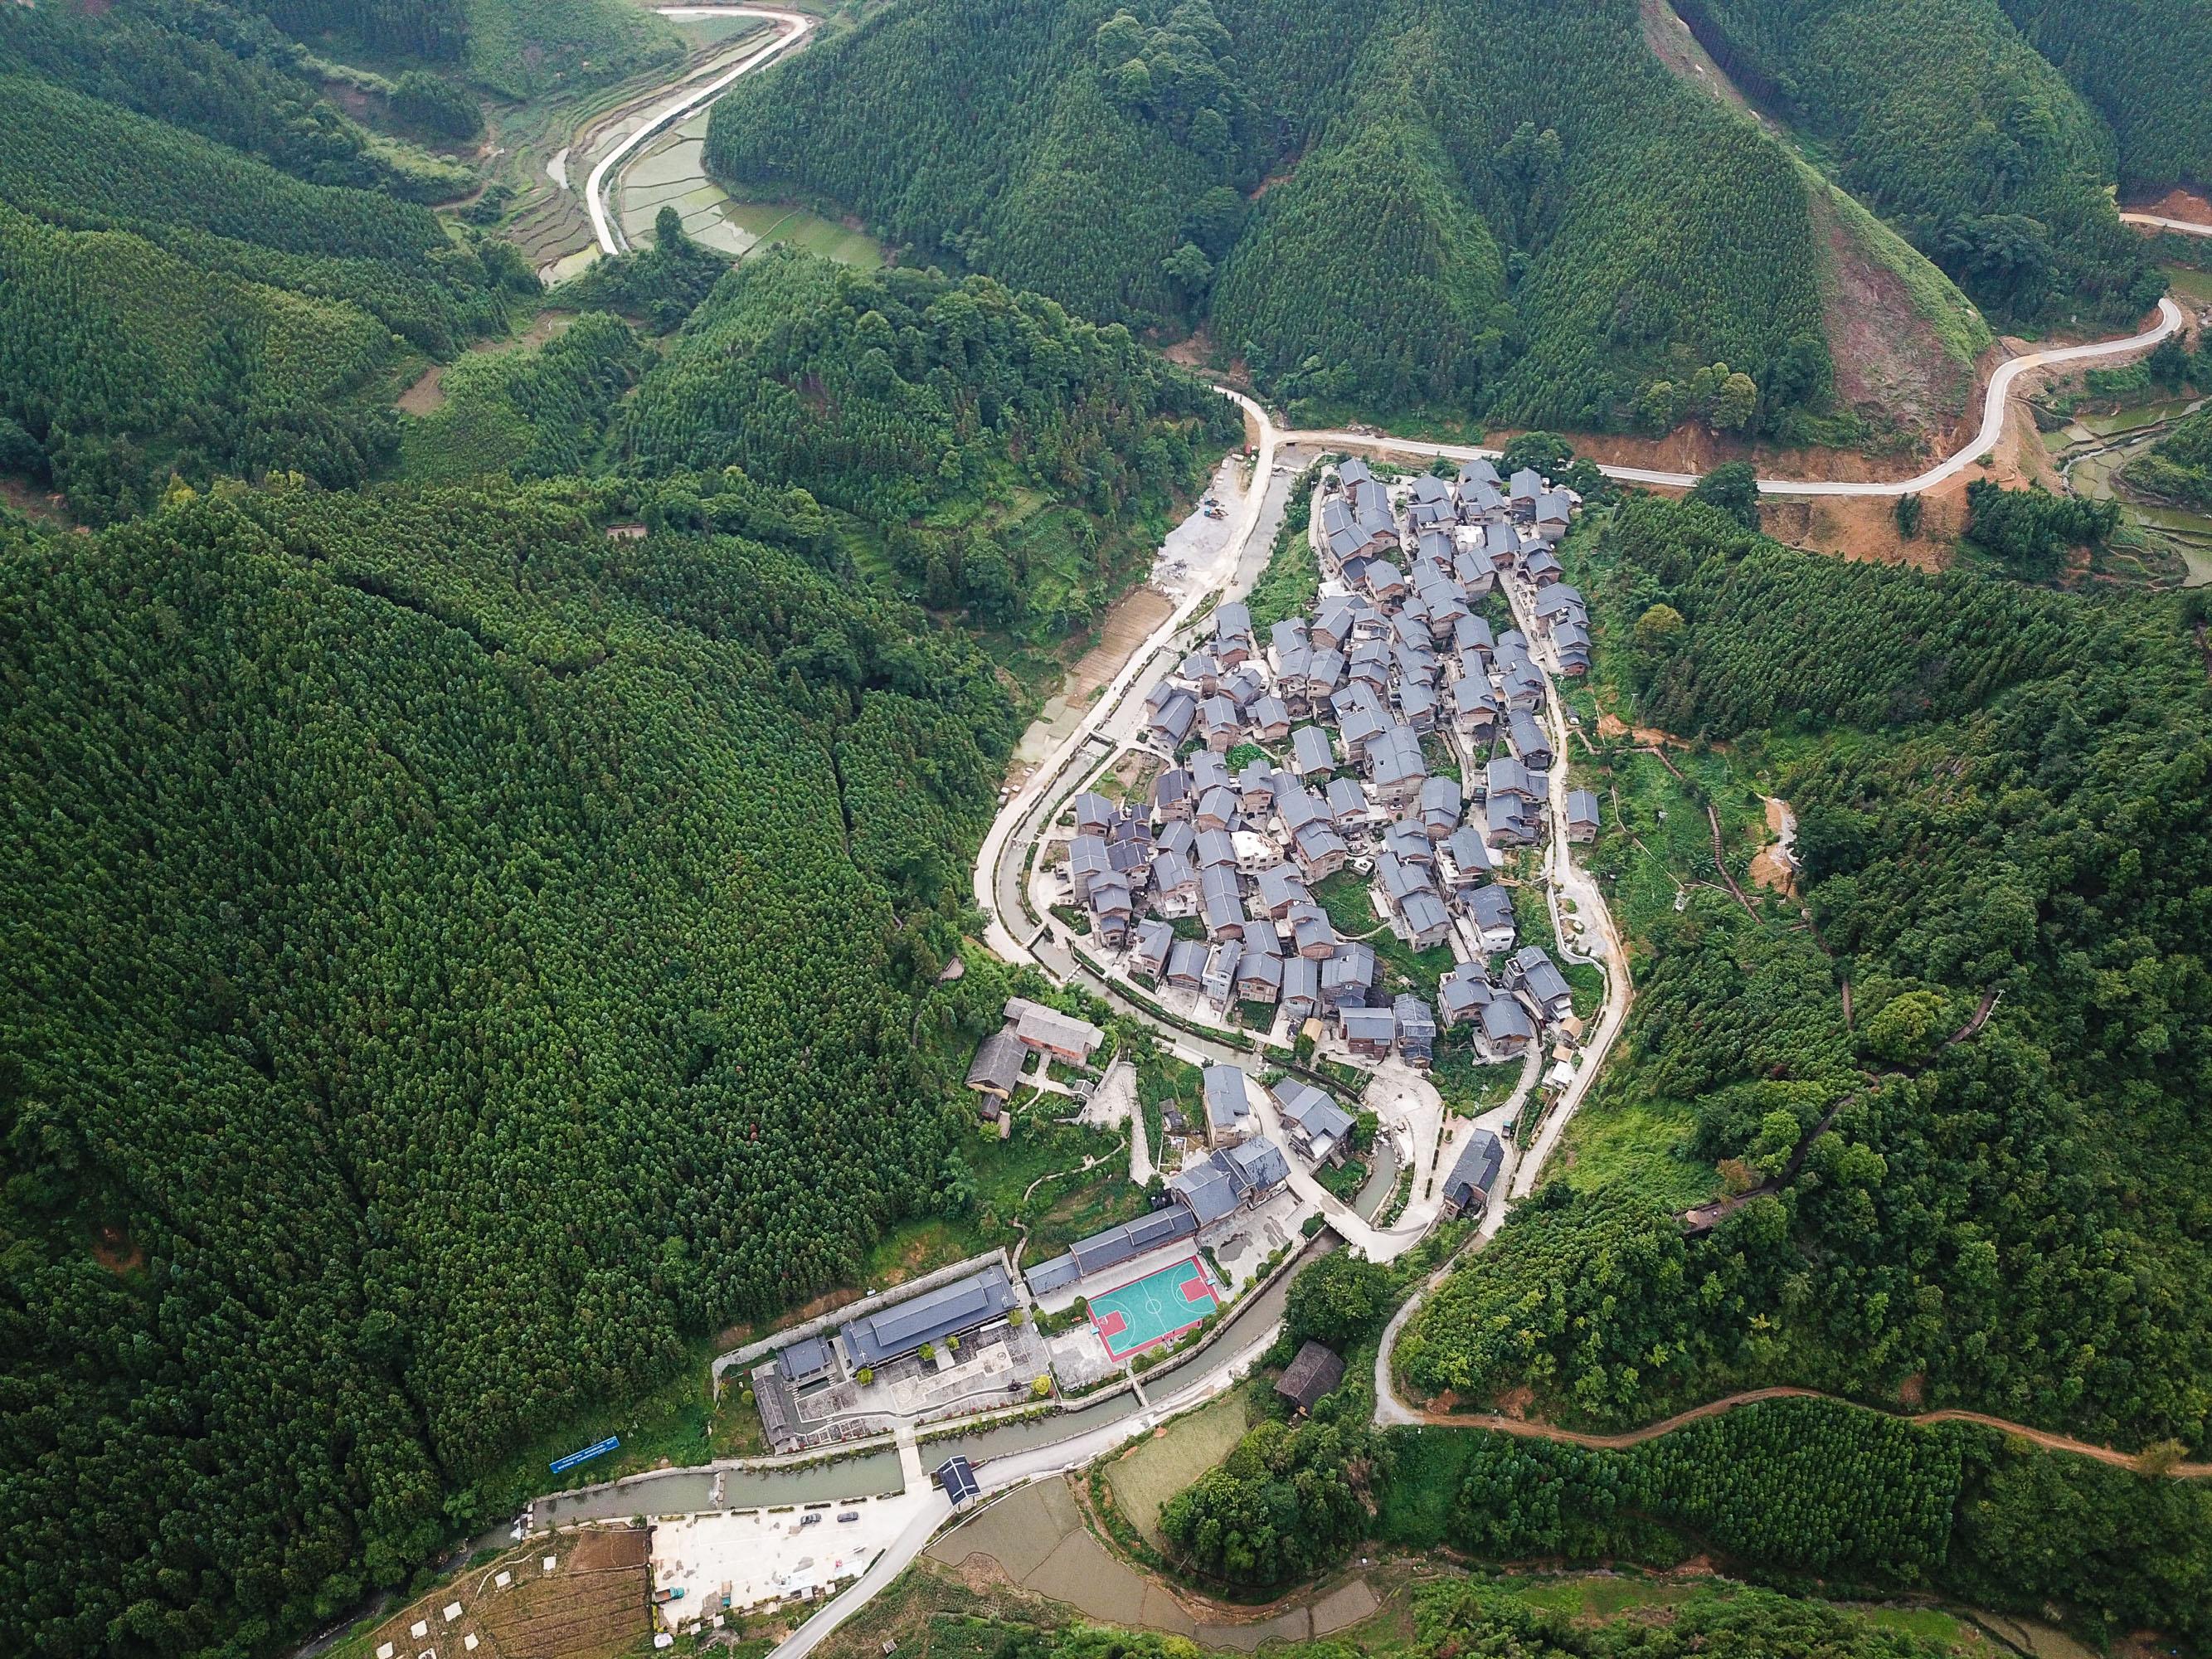 6月14日航拍的贵州省册亨县秧坝镇福尧村的乡村景色.